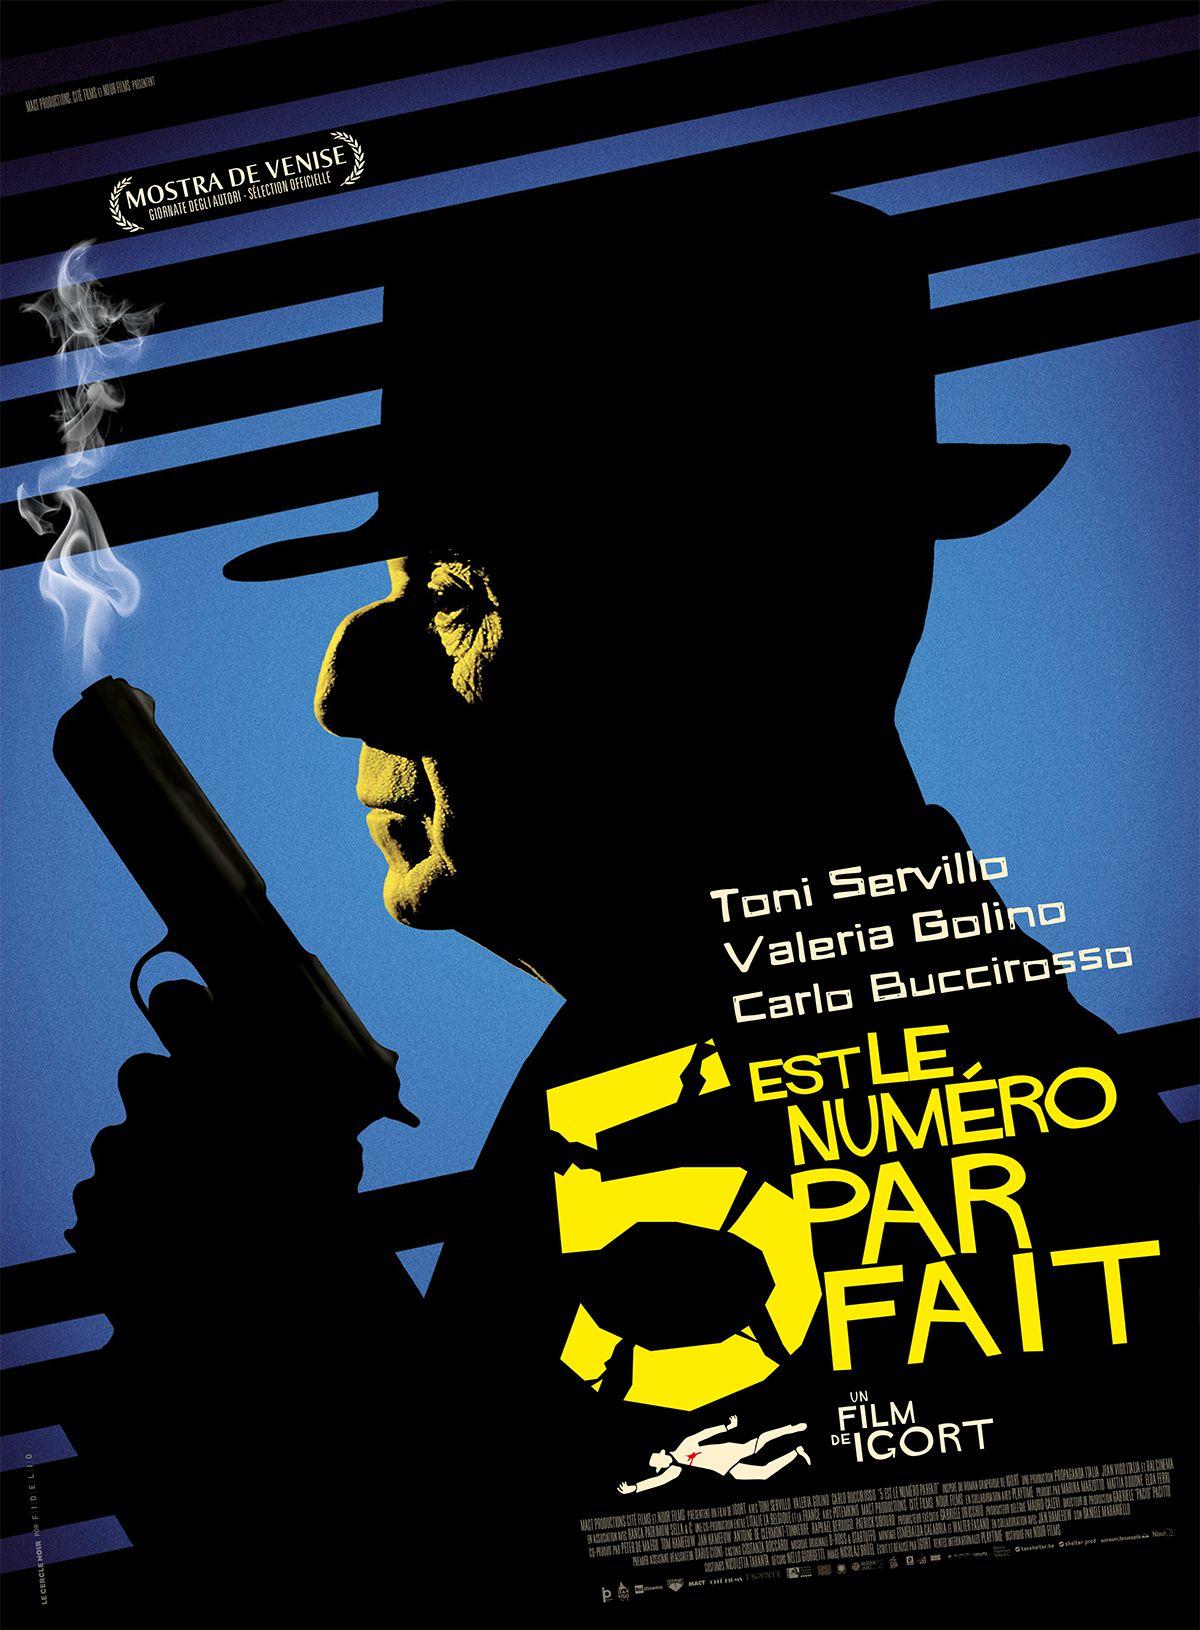 5 est le numéro parfait - Film (2019)